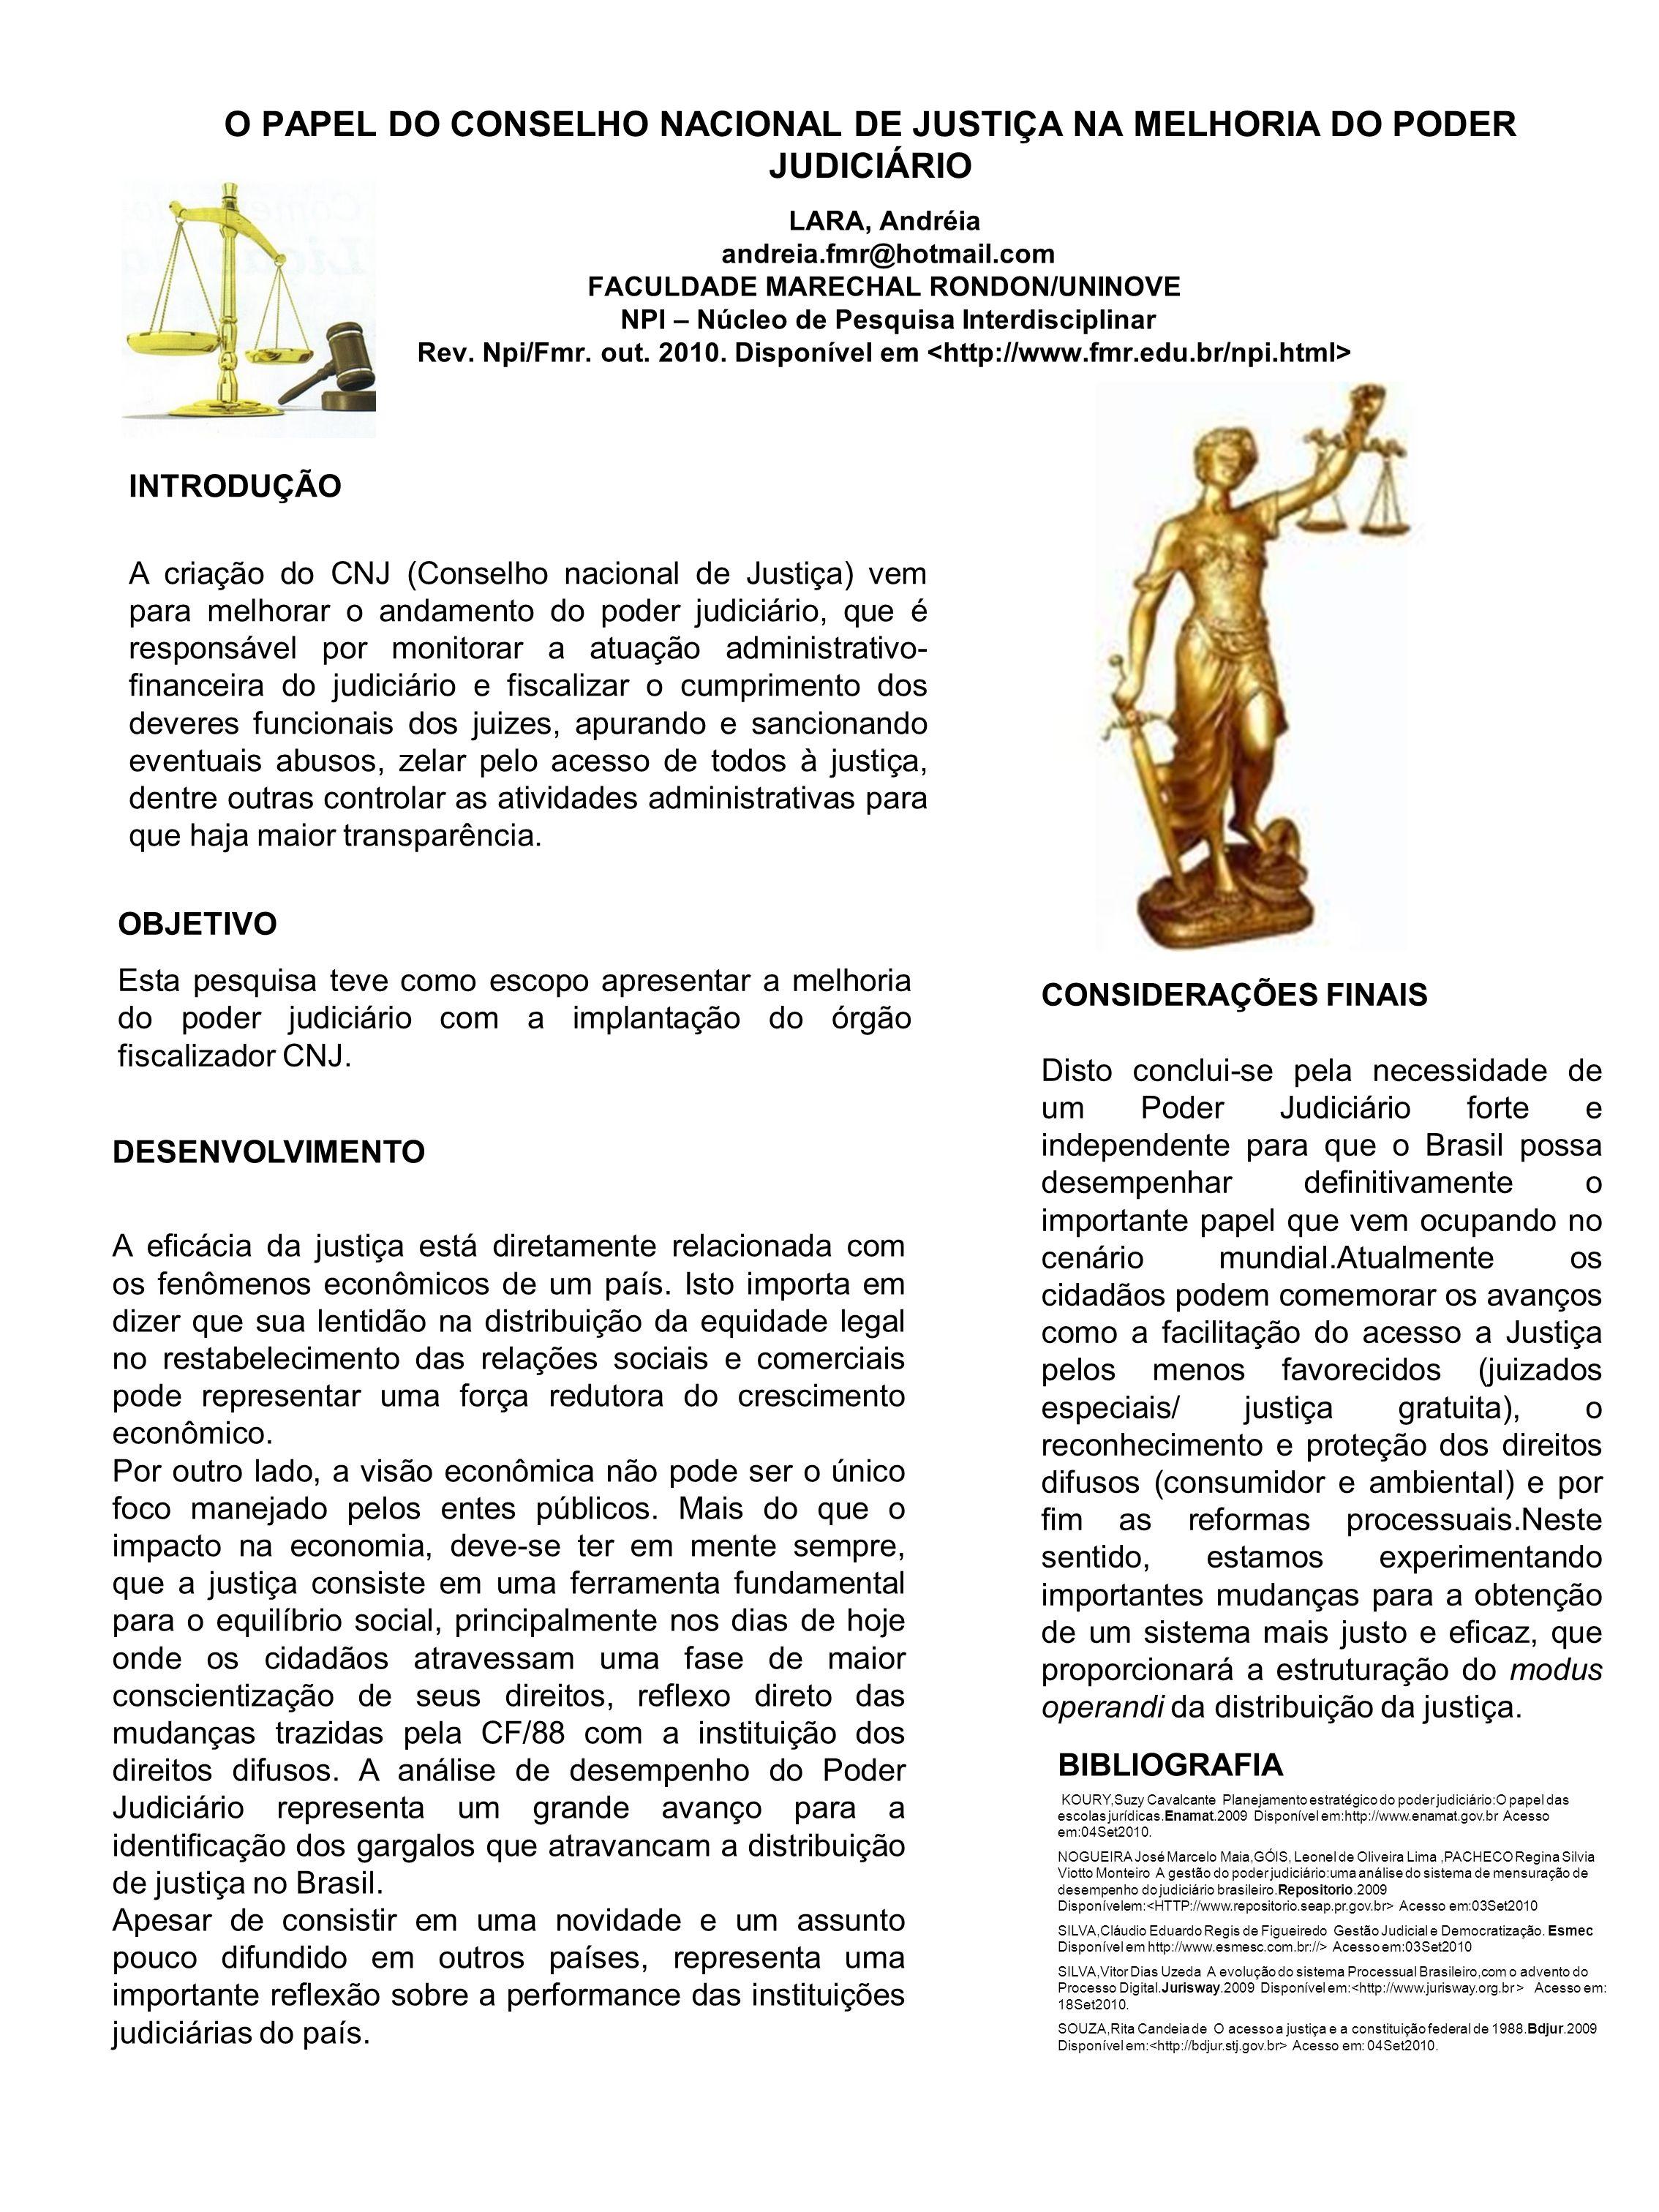 O PAPEL DO CONSELHO NACIONAL DE JUSTIÇA NA MELHORIA DO PODER JUDICIÁRIO LARA, Andréia andreia.fmr@hotmail.com FACULDADE MARECHAL RONDON/UNINOVE NPI – Núcleo de Pesquisa Interdisciplinar Rev.